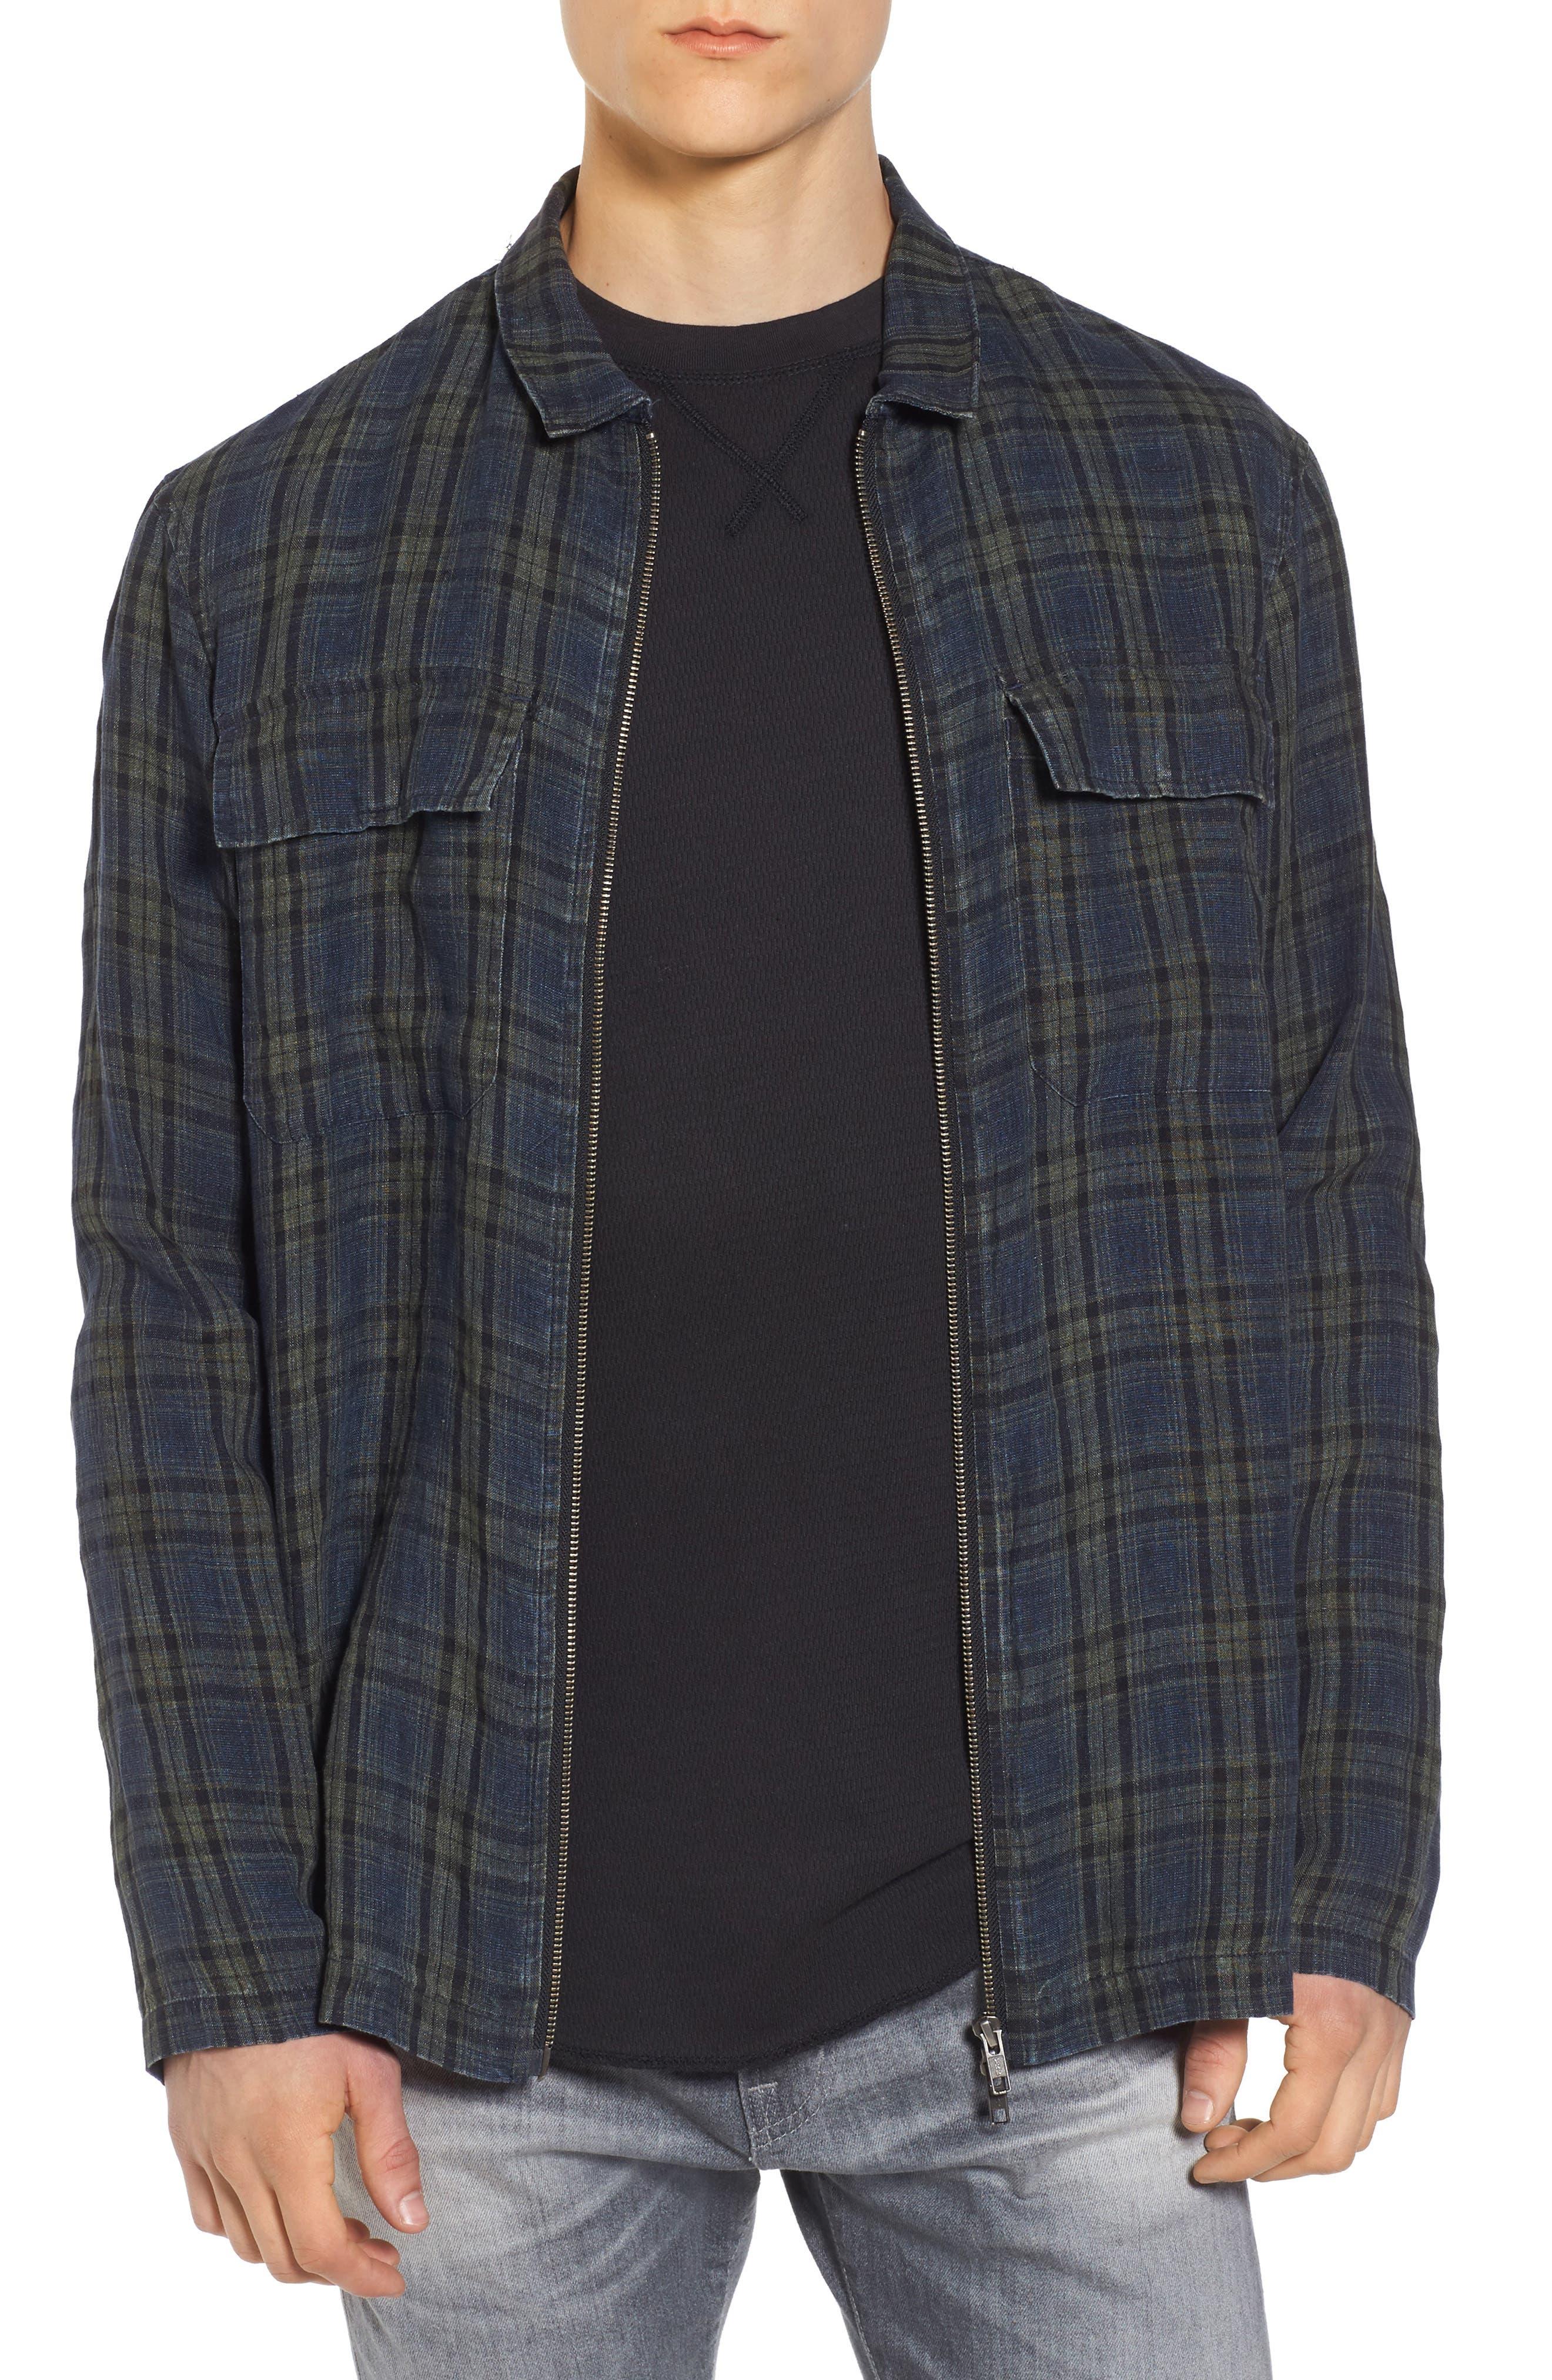 Plaid Zip Front Linen Shirt Jacket,                         Main,                         color, Olive Grove Navy Plaid